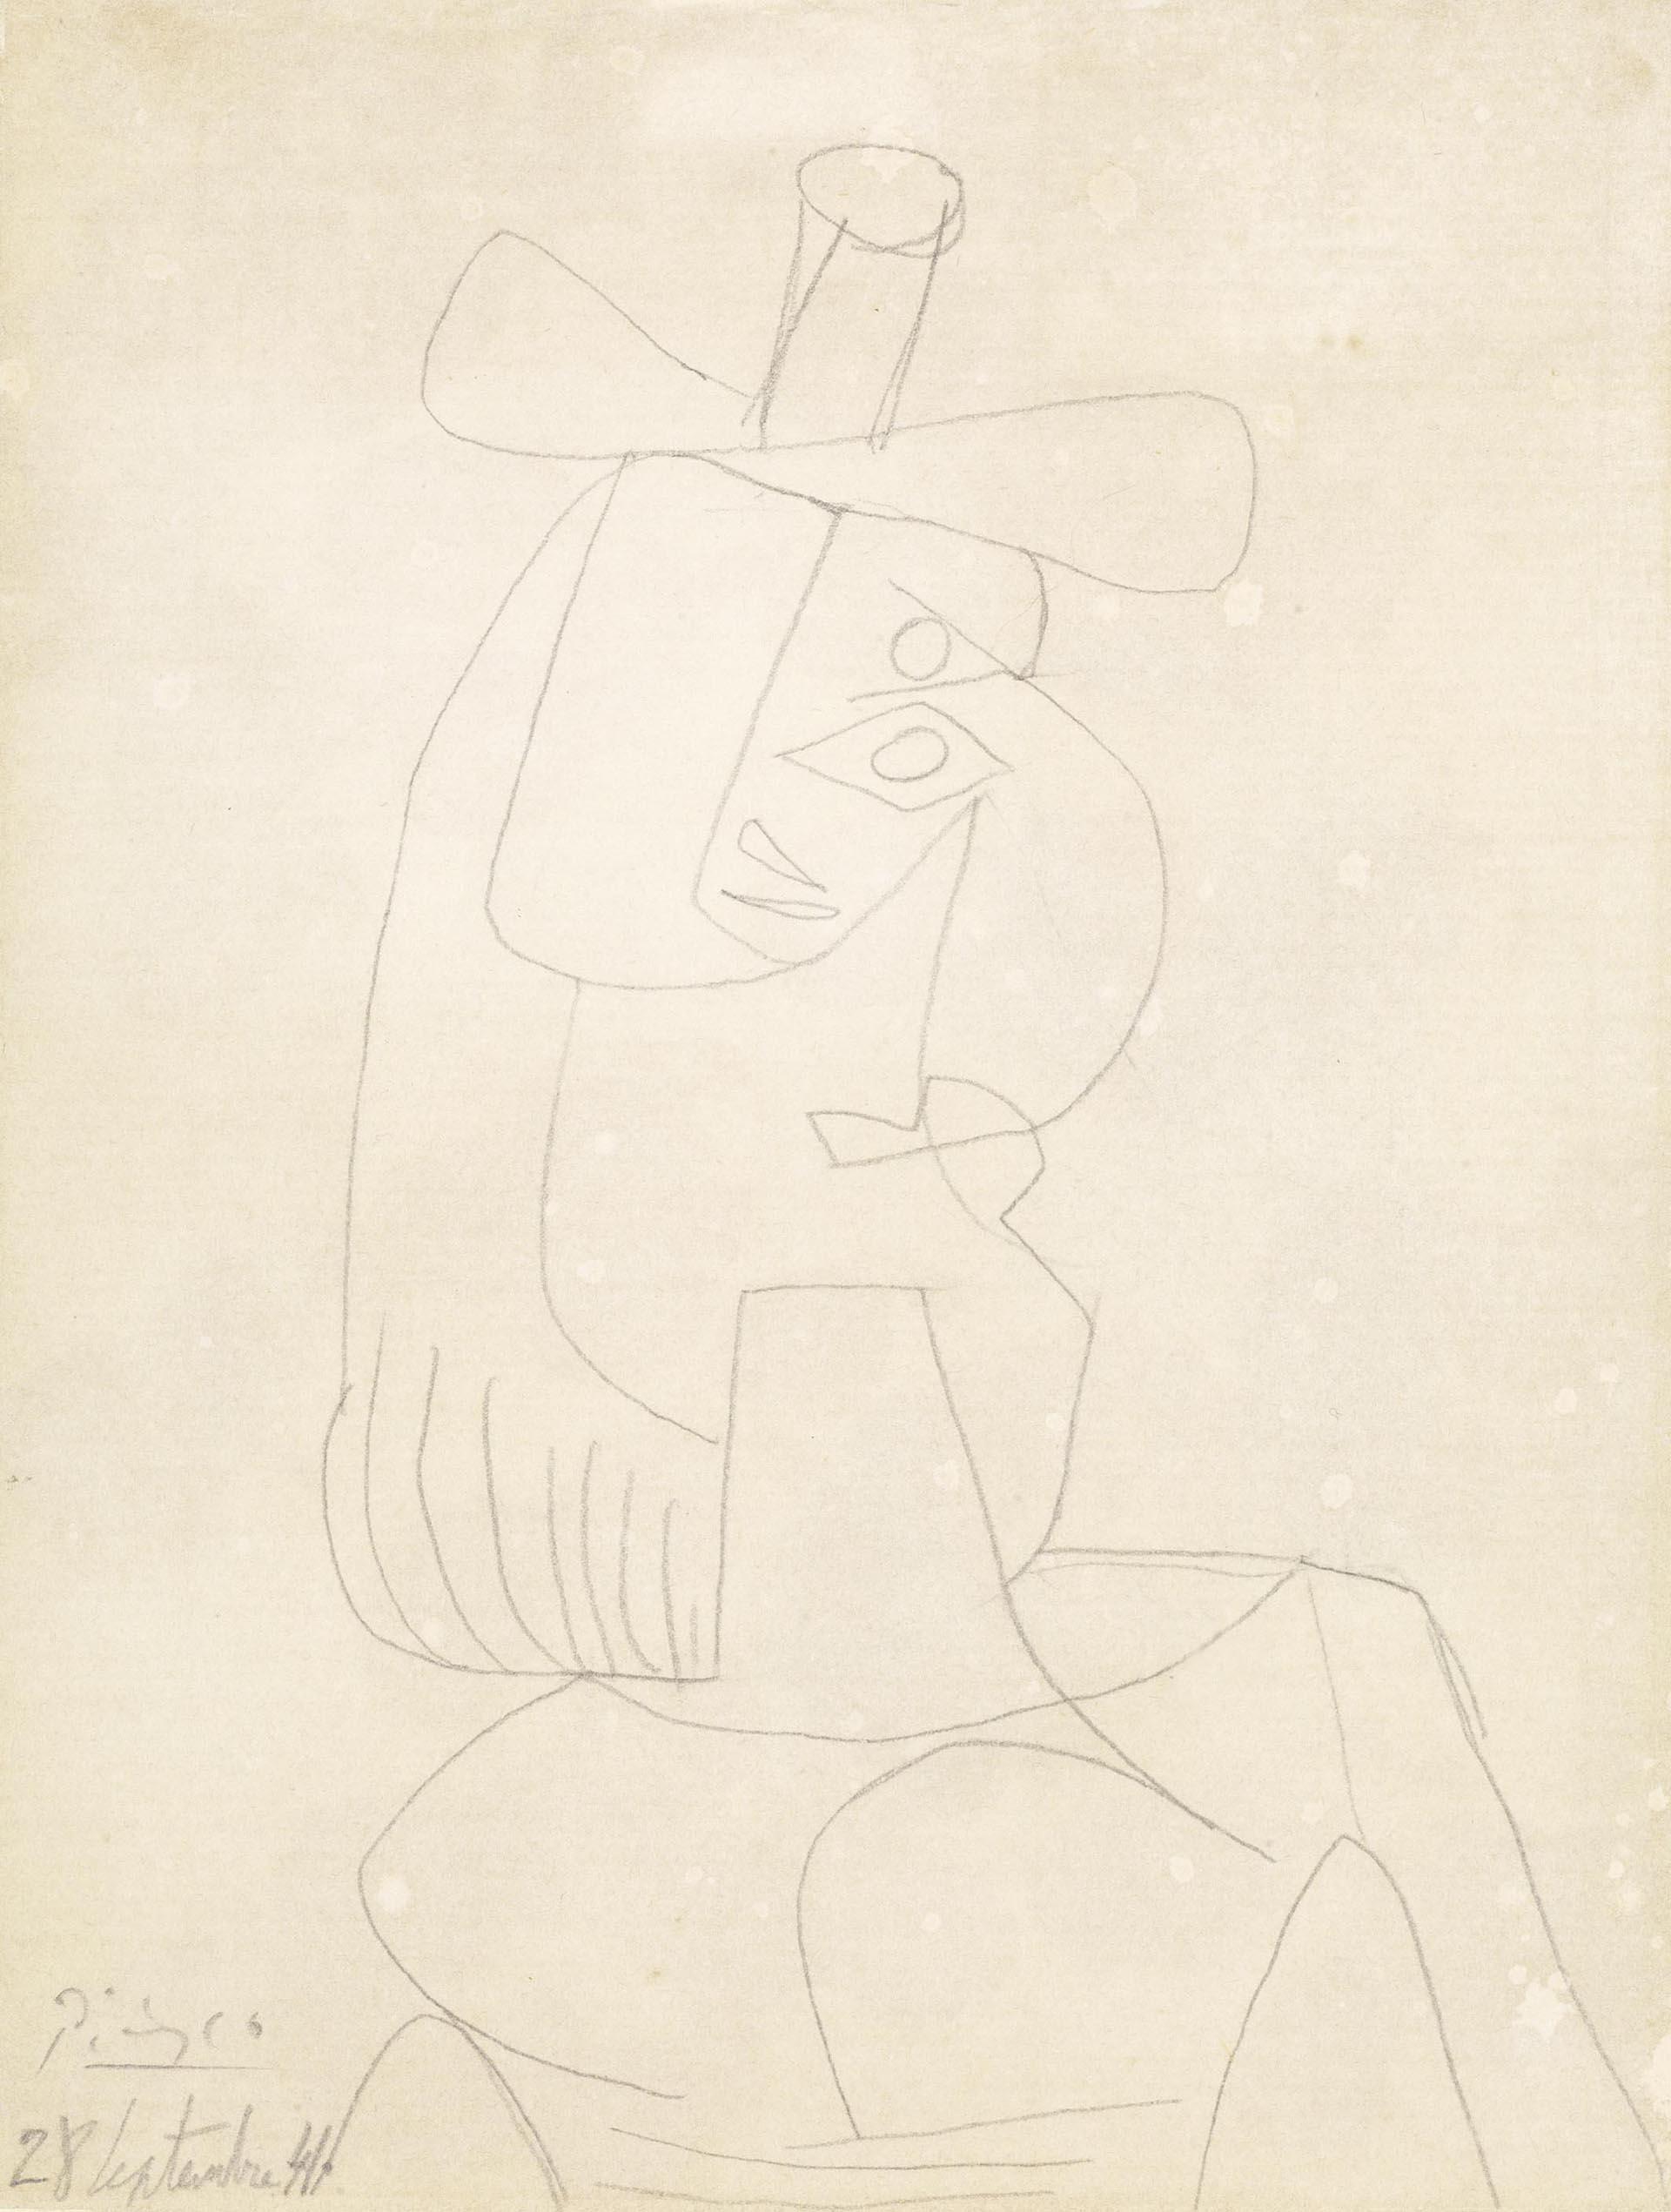 Picasso, Dessin à la mine de plomb, 1941, 27x21 cm